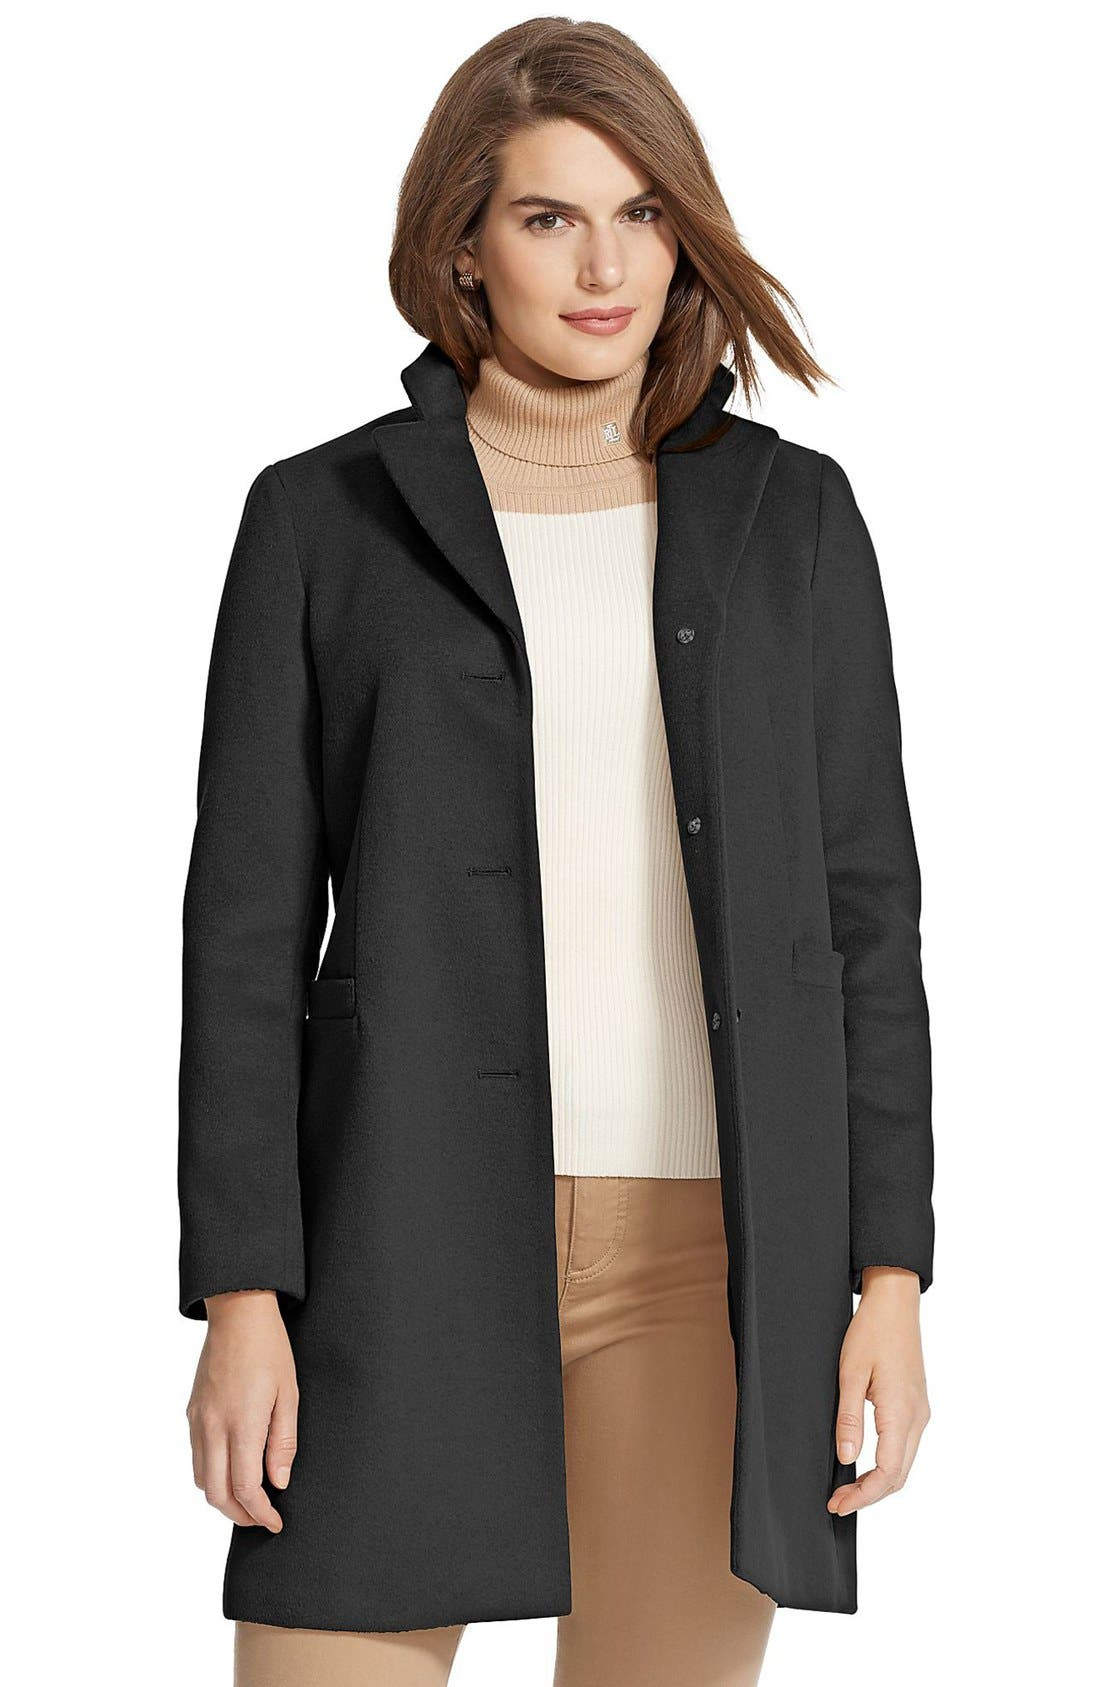 LAUREN RALPH LAUREN Wool Blend Reefer Coat, Main, color, BLACK